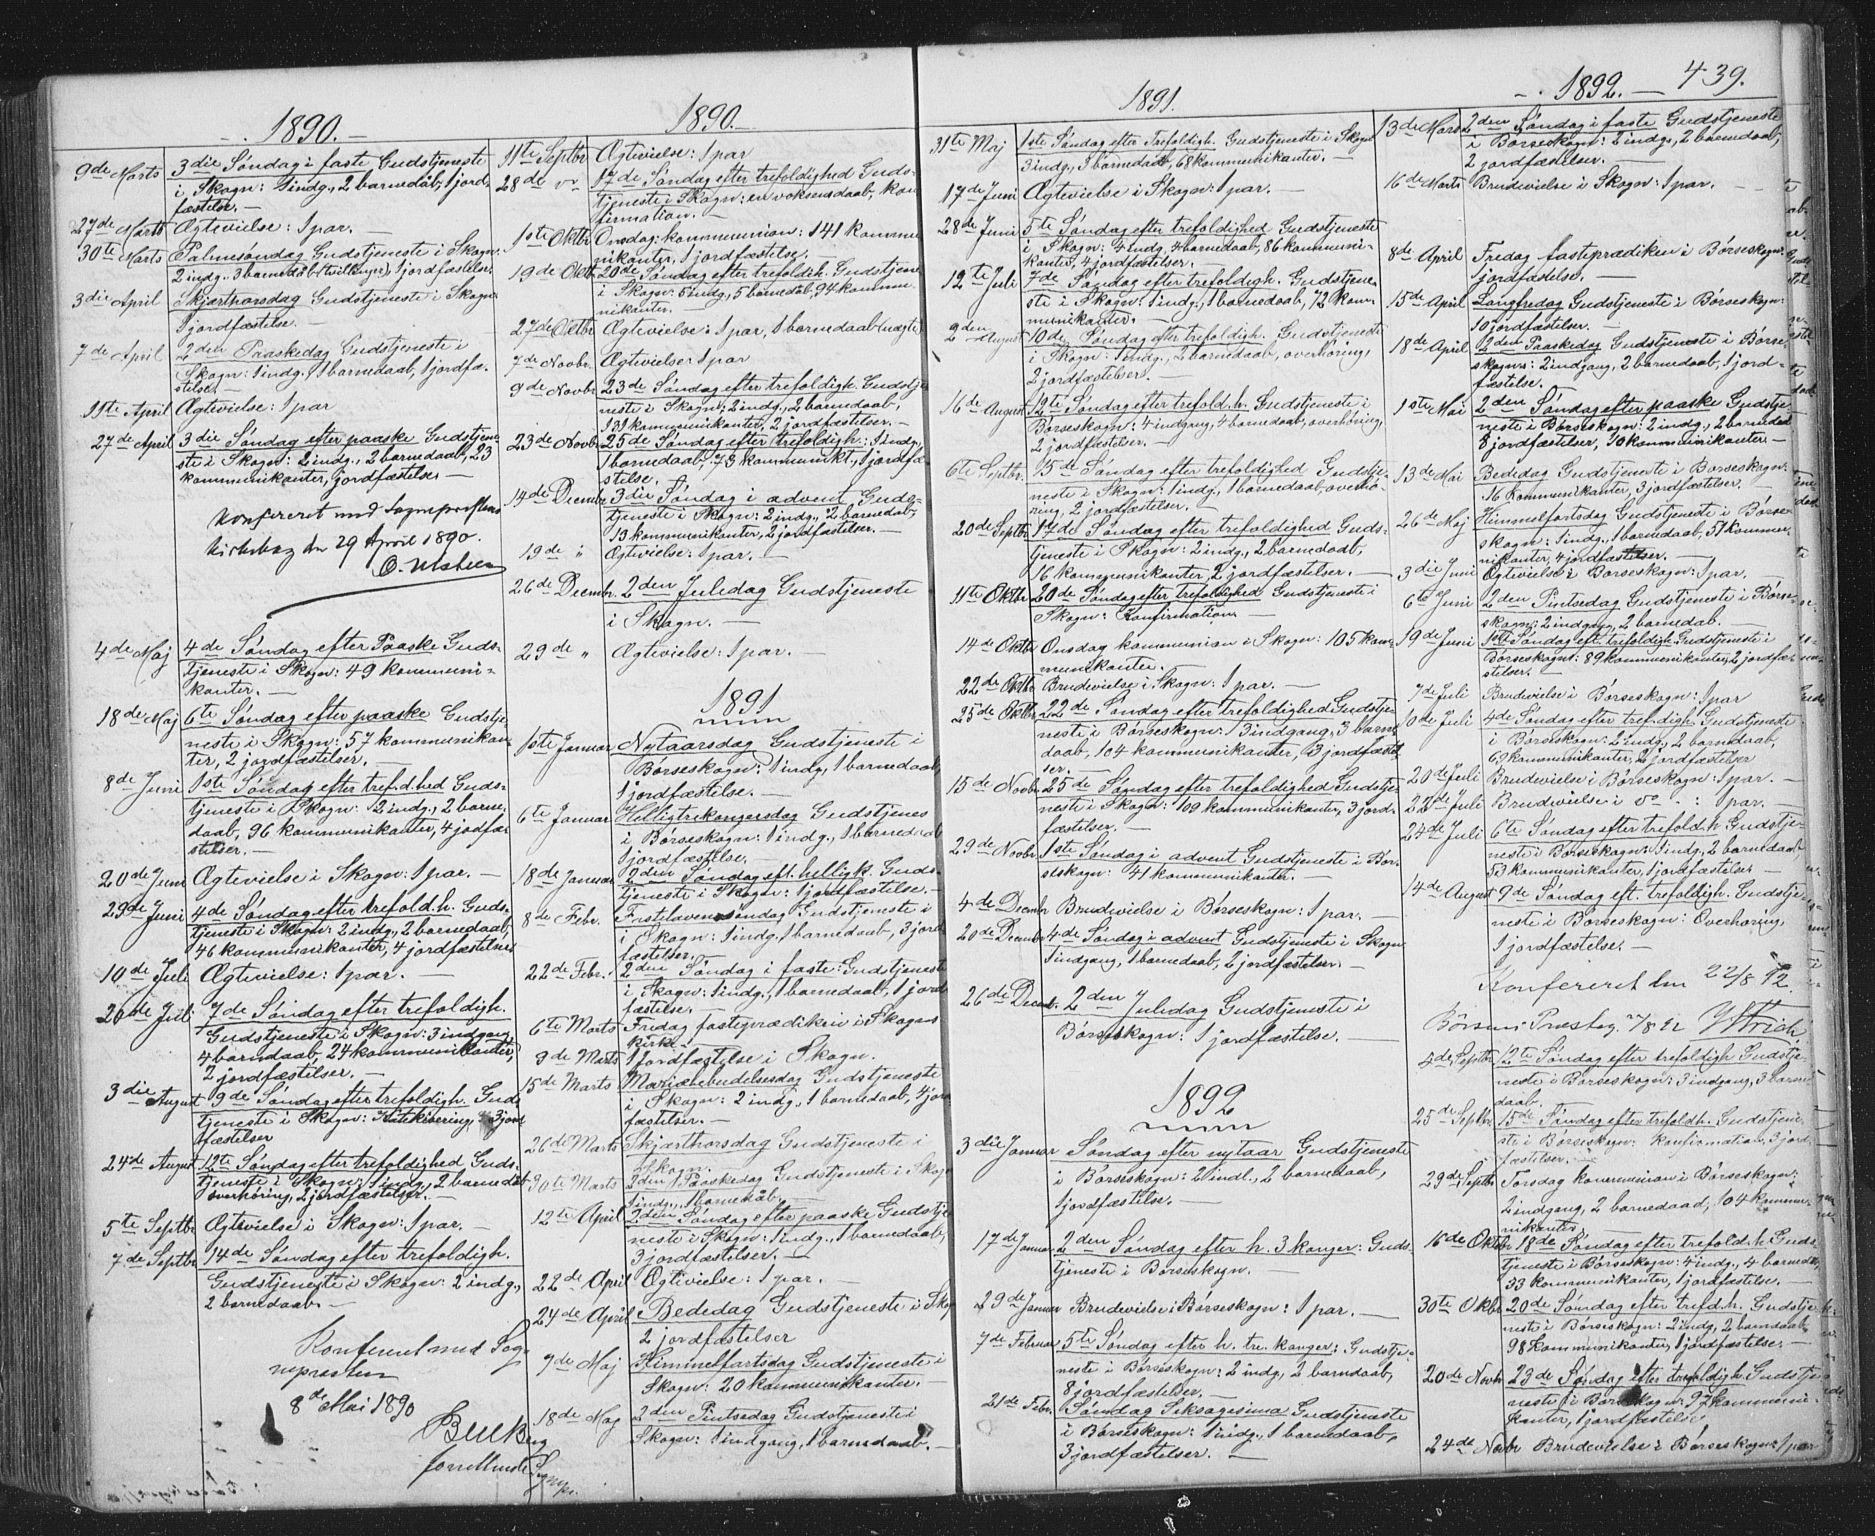 SAT, Ministerialprotokoller, klokkerbøker og fødselsregistre - Sør-Trøndelag, 667/L0798: Klokkerbok nr. 667C03, 1867-1929, s. 439